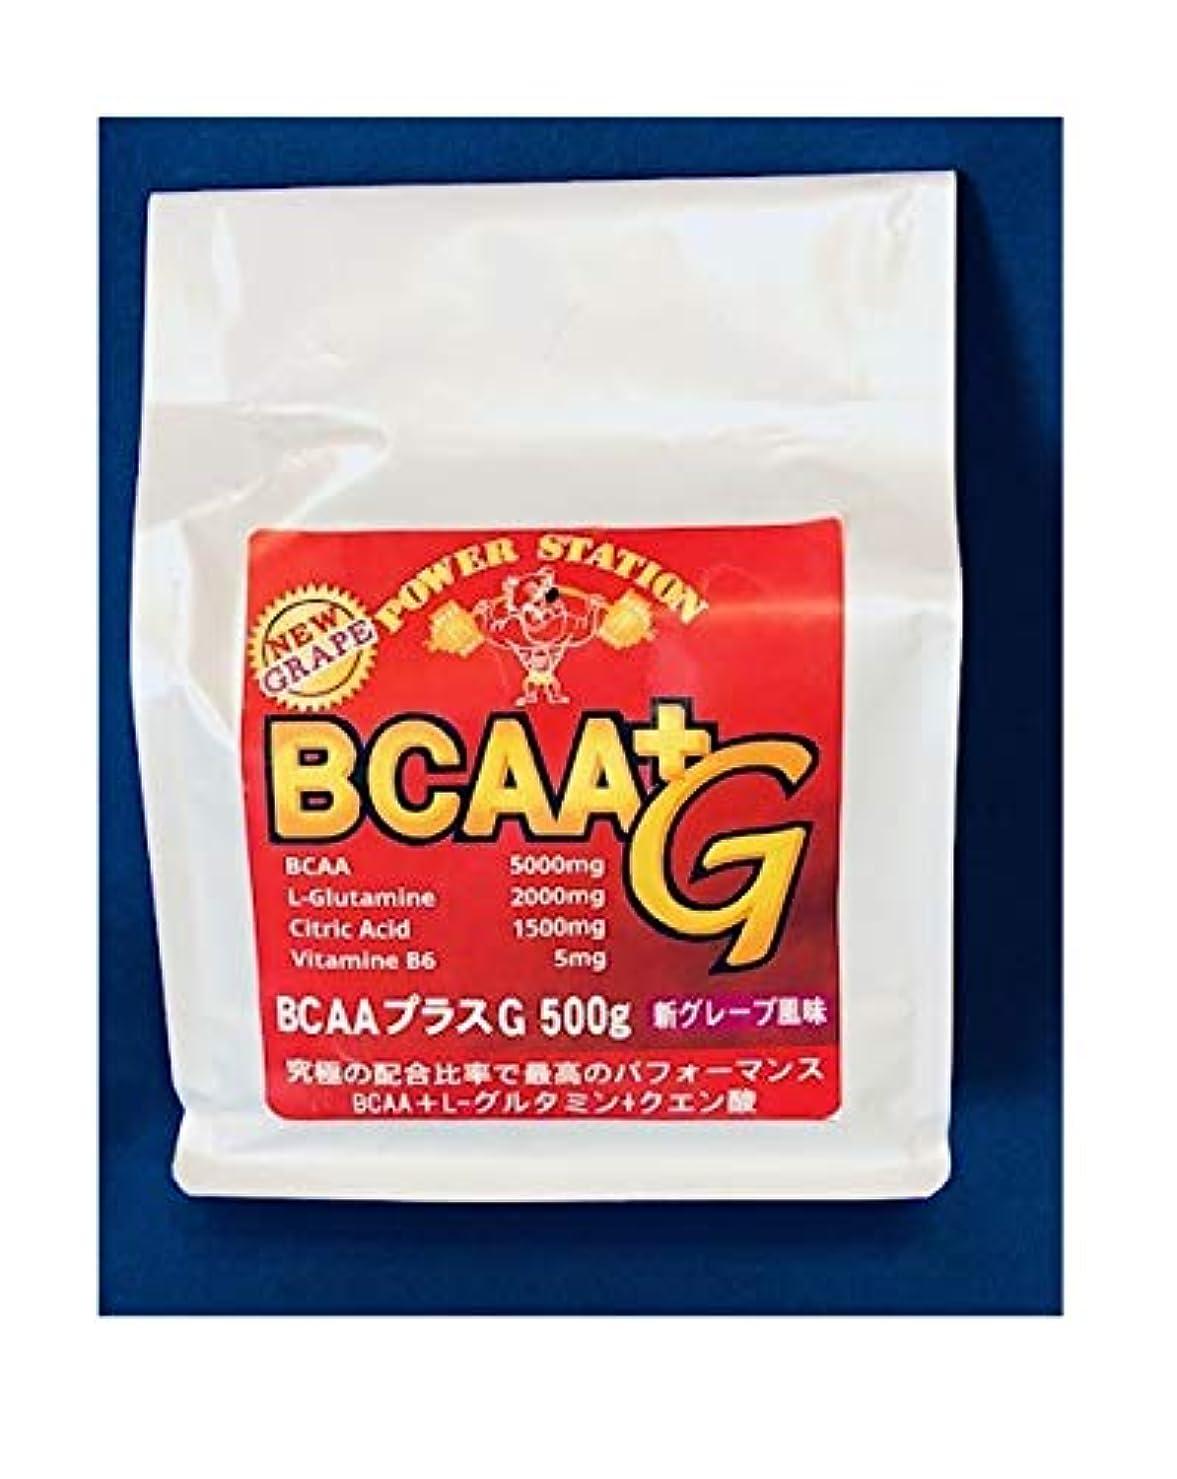 スポンジクロス拘束するパワースティションBCAAグルタミンクエン酸パウダー500g